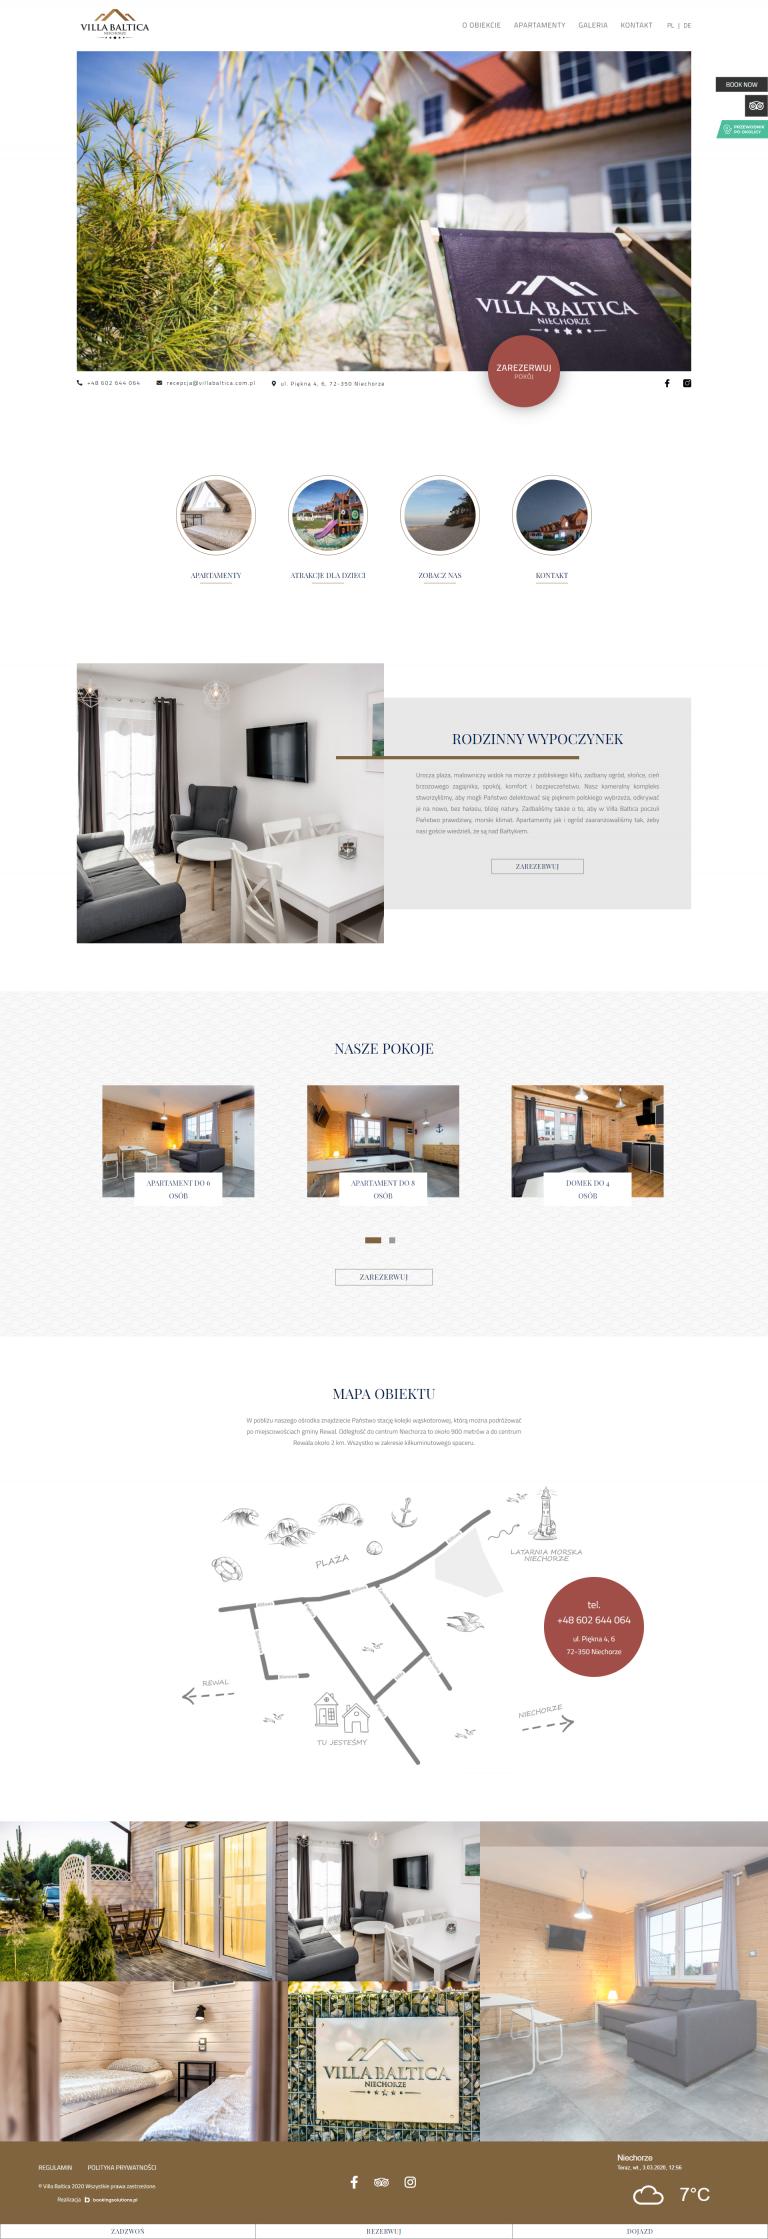 Strony internetowe dla hoteli - 7 punktów, dzięki którym zbudujesz idealną stronę dla swojego obiektu. 6